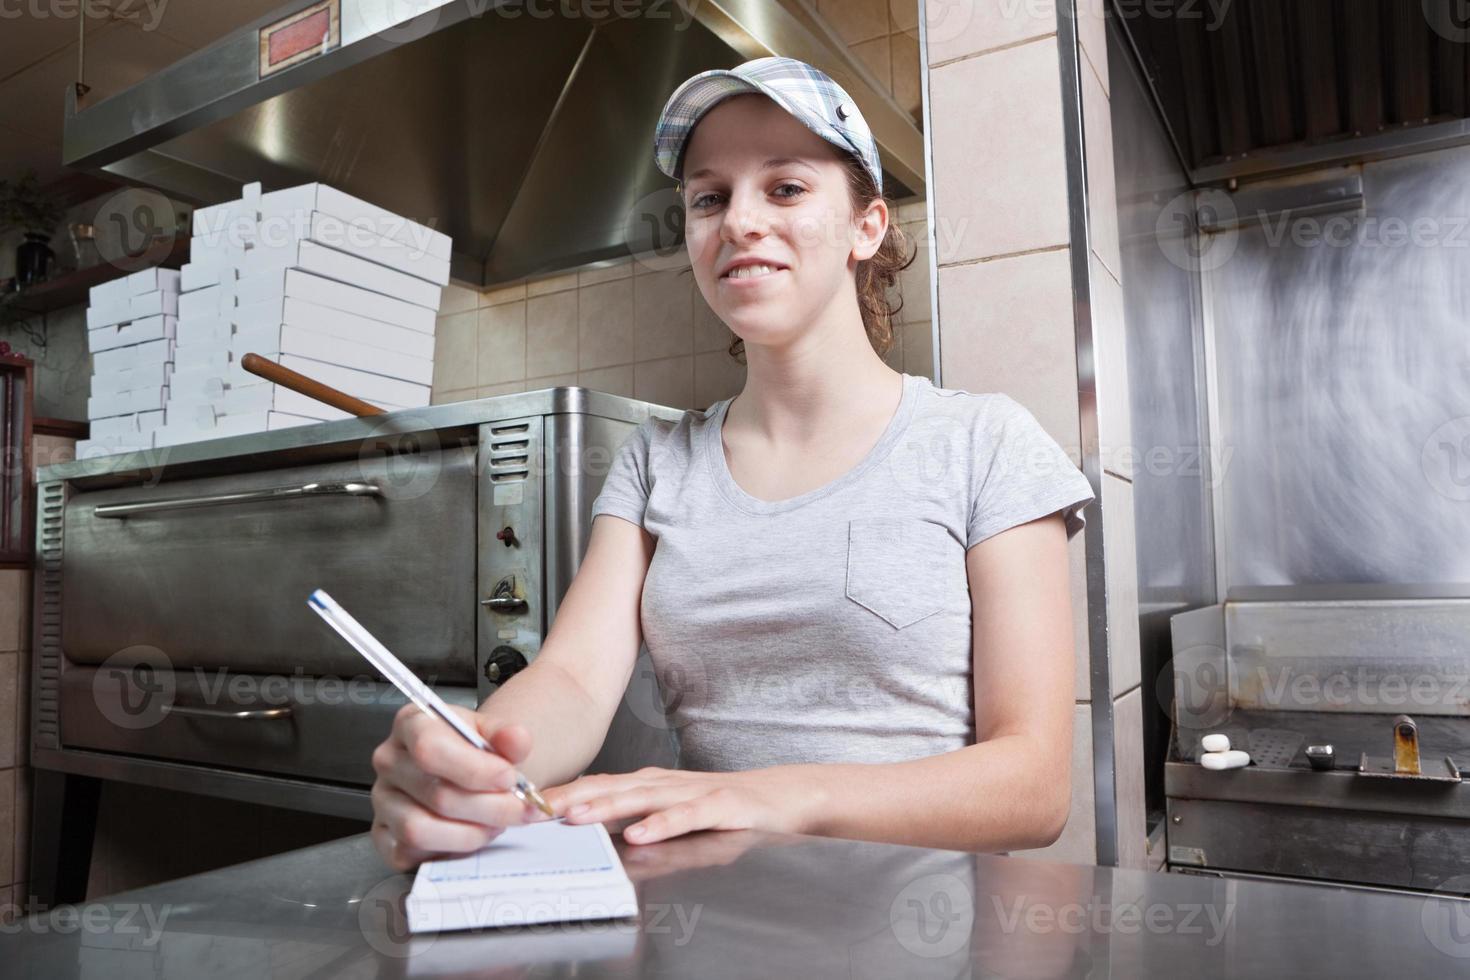 neem serveerster bij pizzarestaurant foto